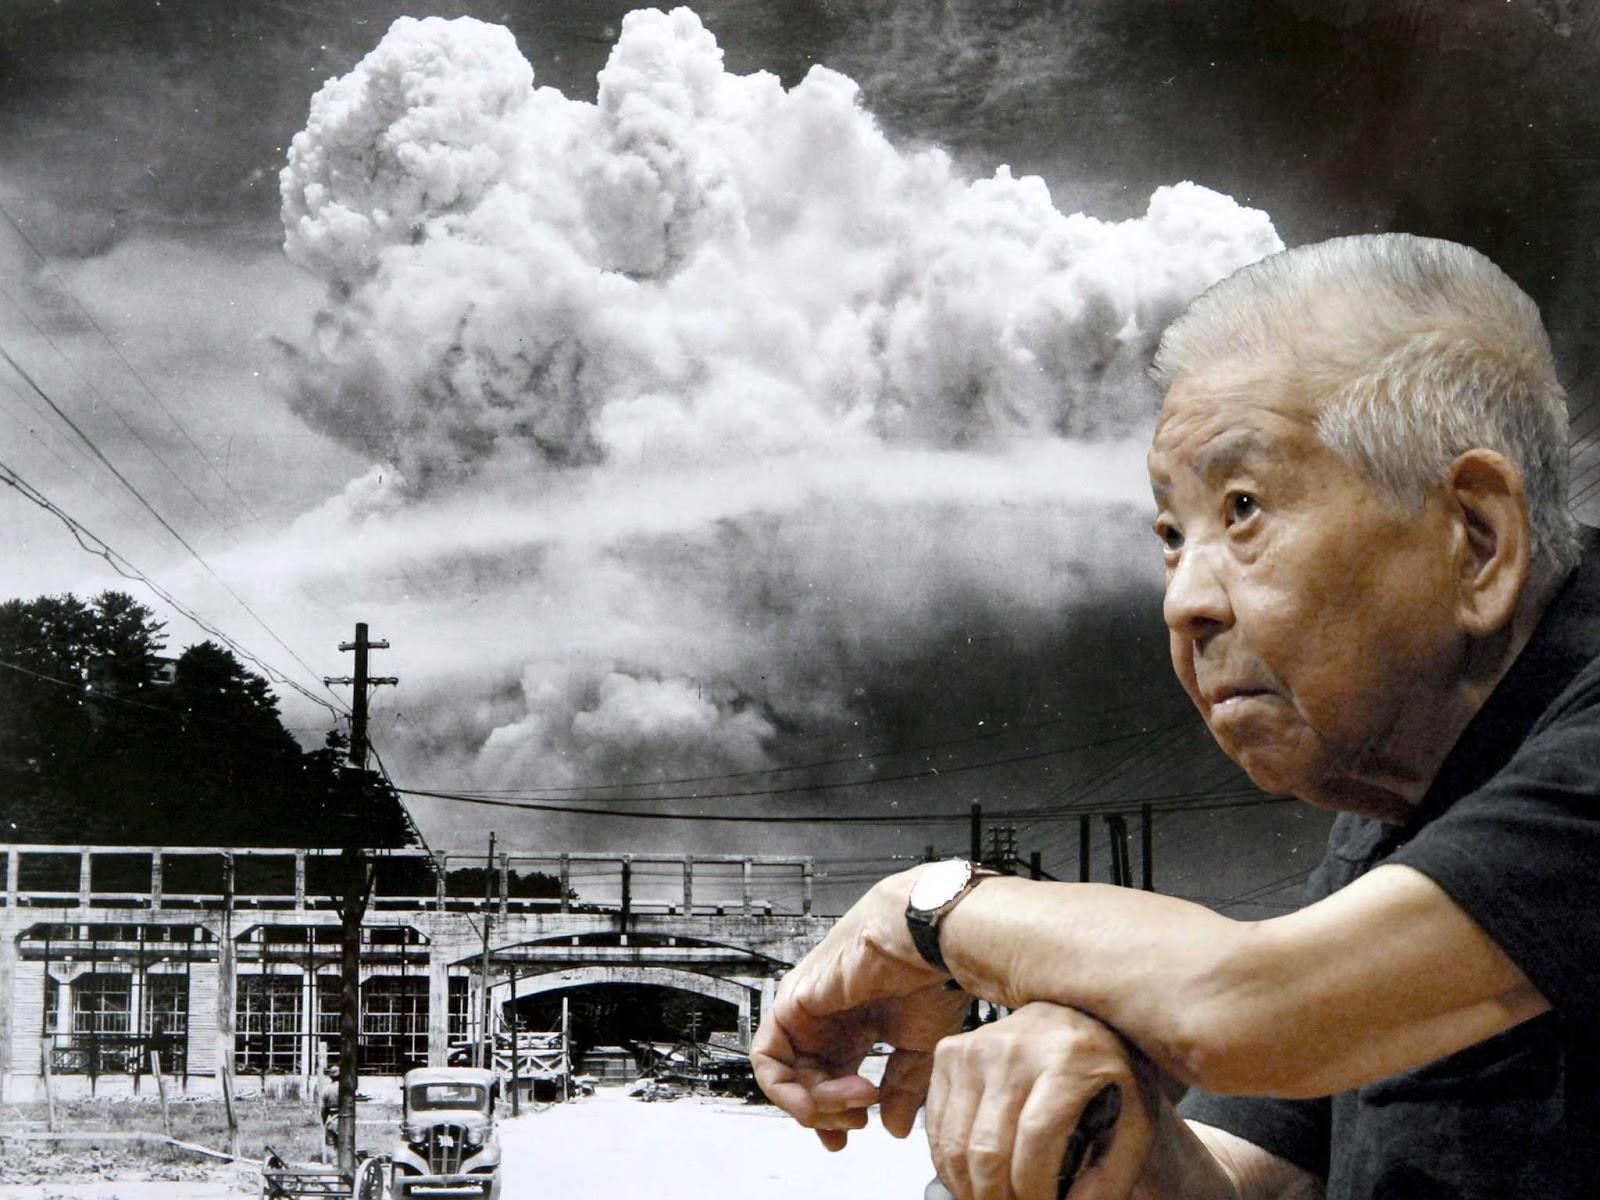 Tsutomu Yamaguchi, Japan